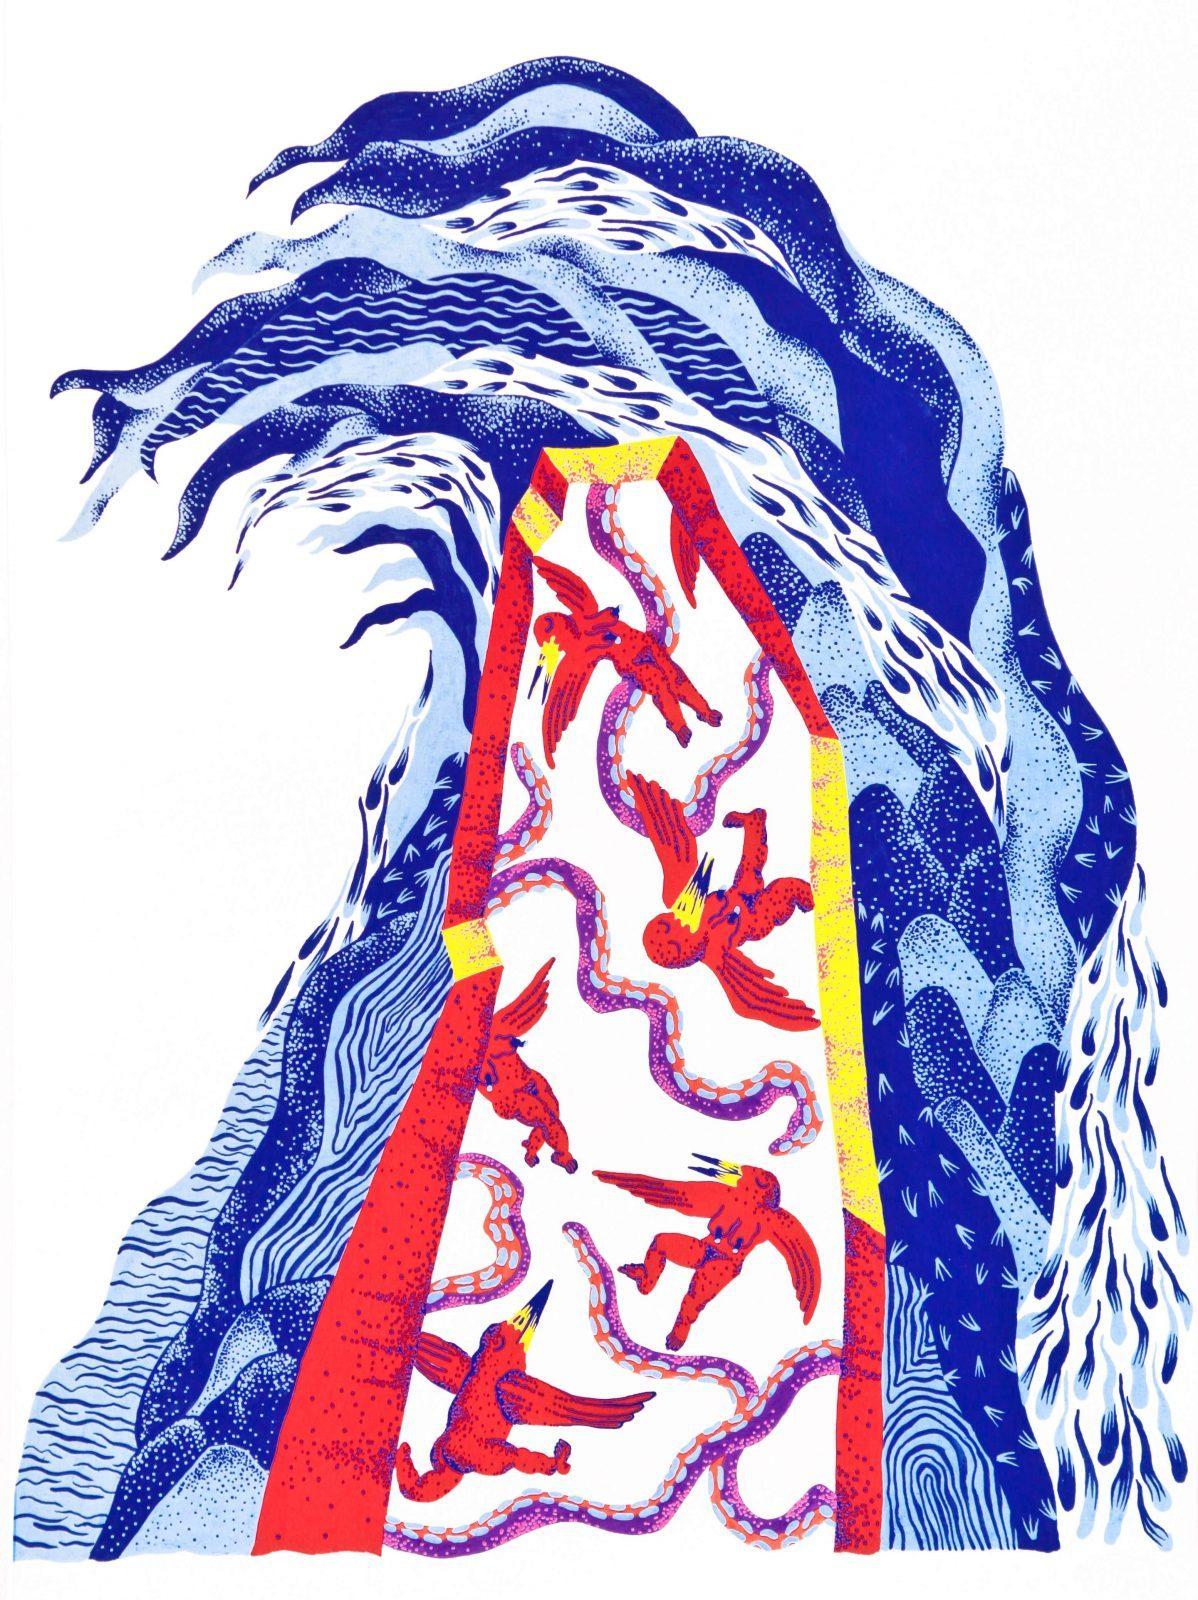 Immersion Dans Les Mondes Mystérieux De L'illustratrice Laho tout Dessin De Vague A Imprimer